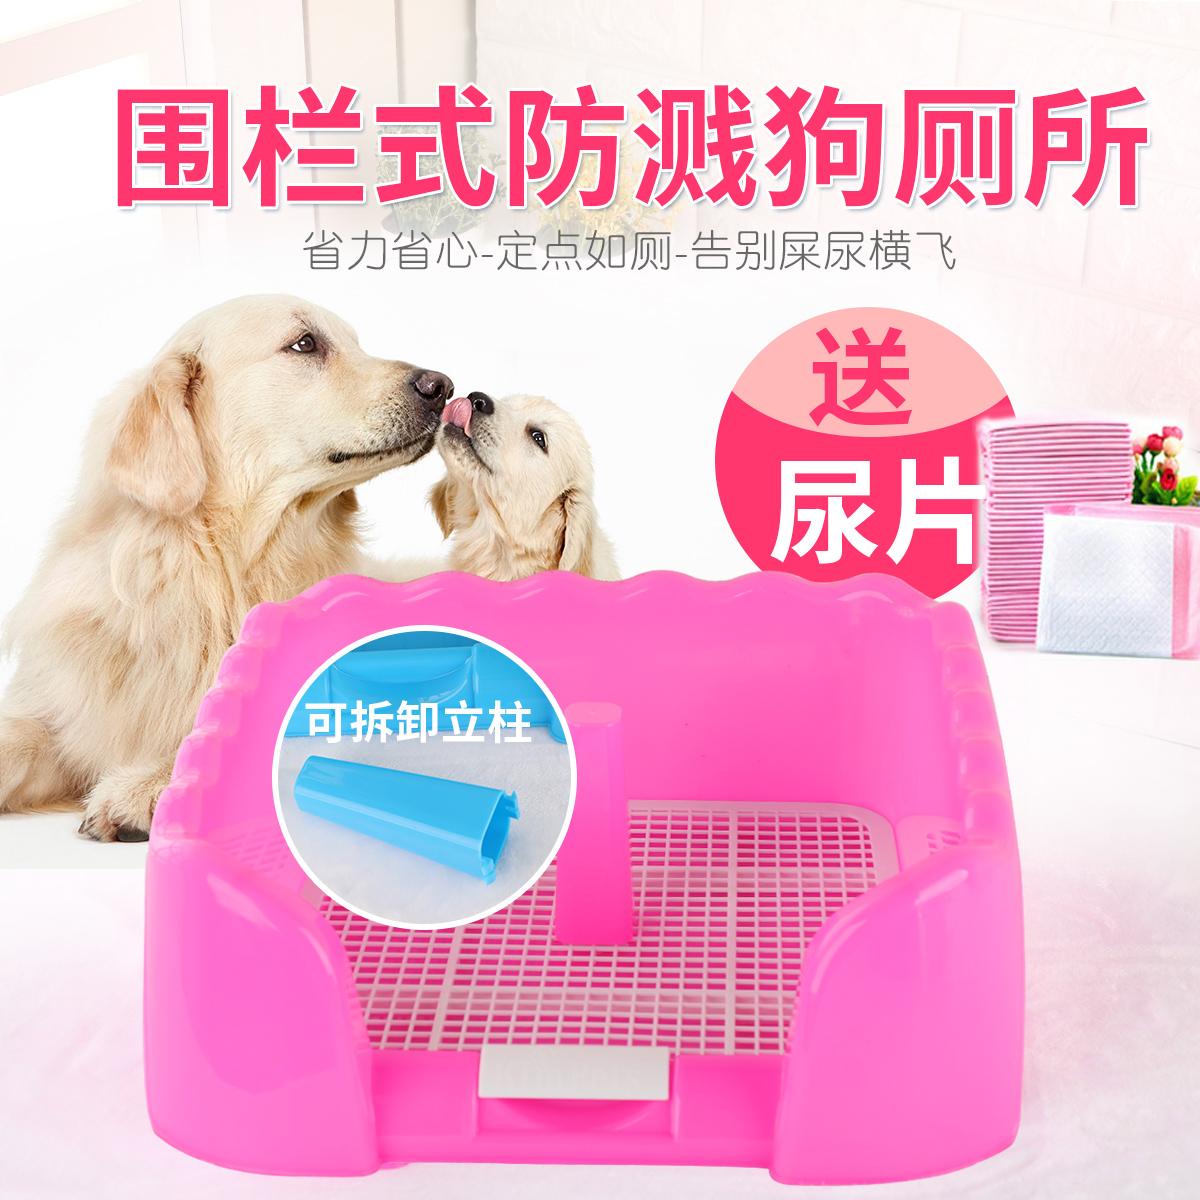 Прекрасный сокровище противо всплеск собака туалет с должности три край волны тедди соотношение медведь домашнее животное собака статьи в небольших собак собака моча бассейн